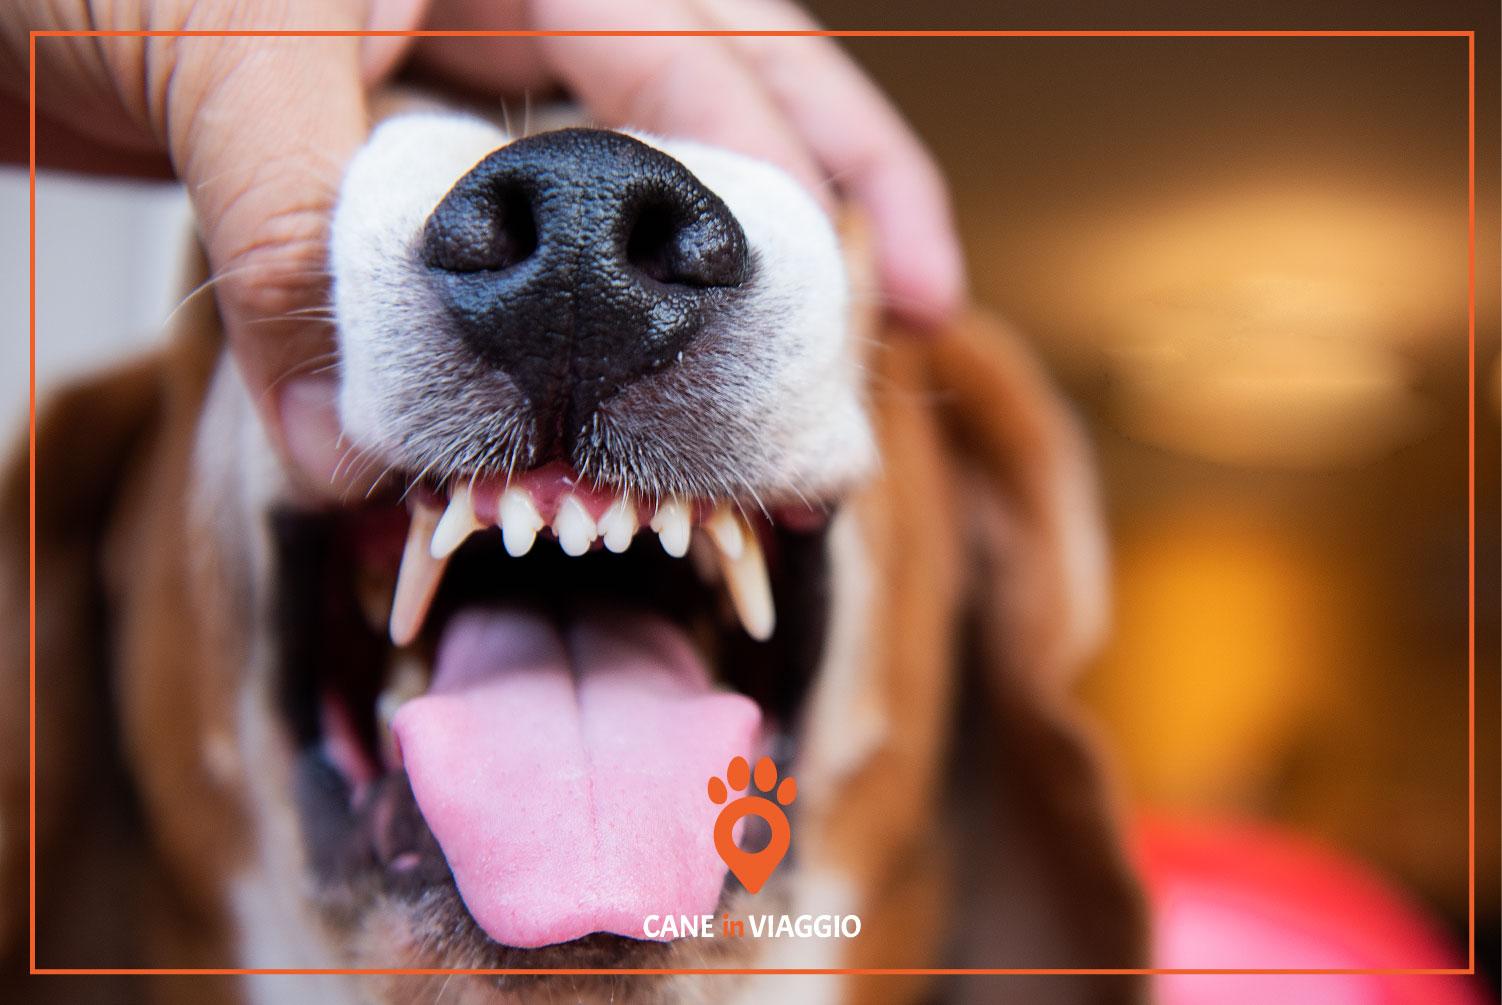 mano apre bocca al cane per sentire se ha l'alito cattivo